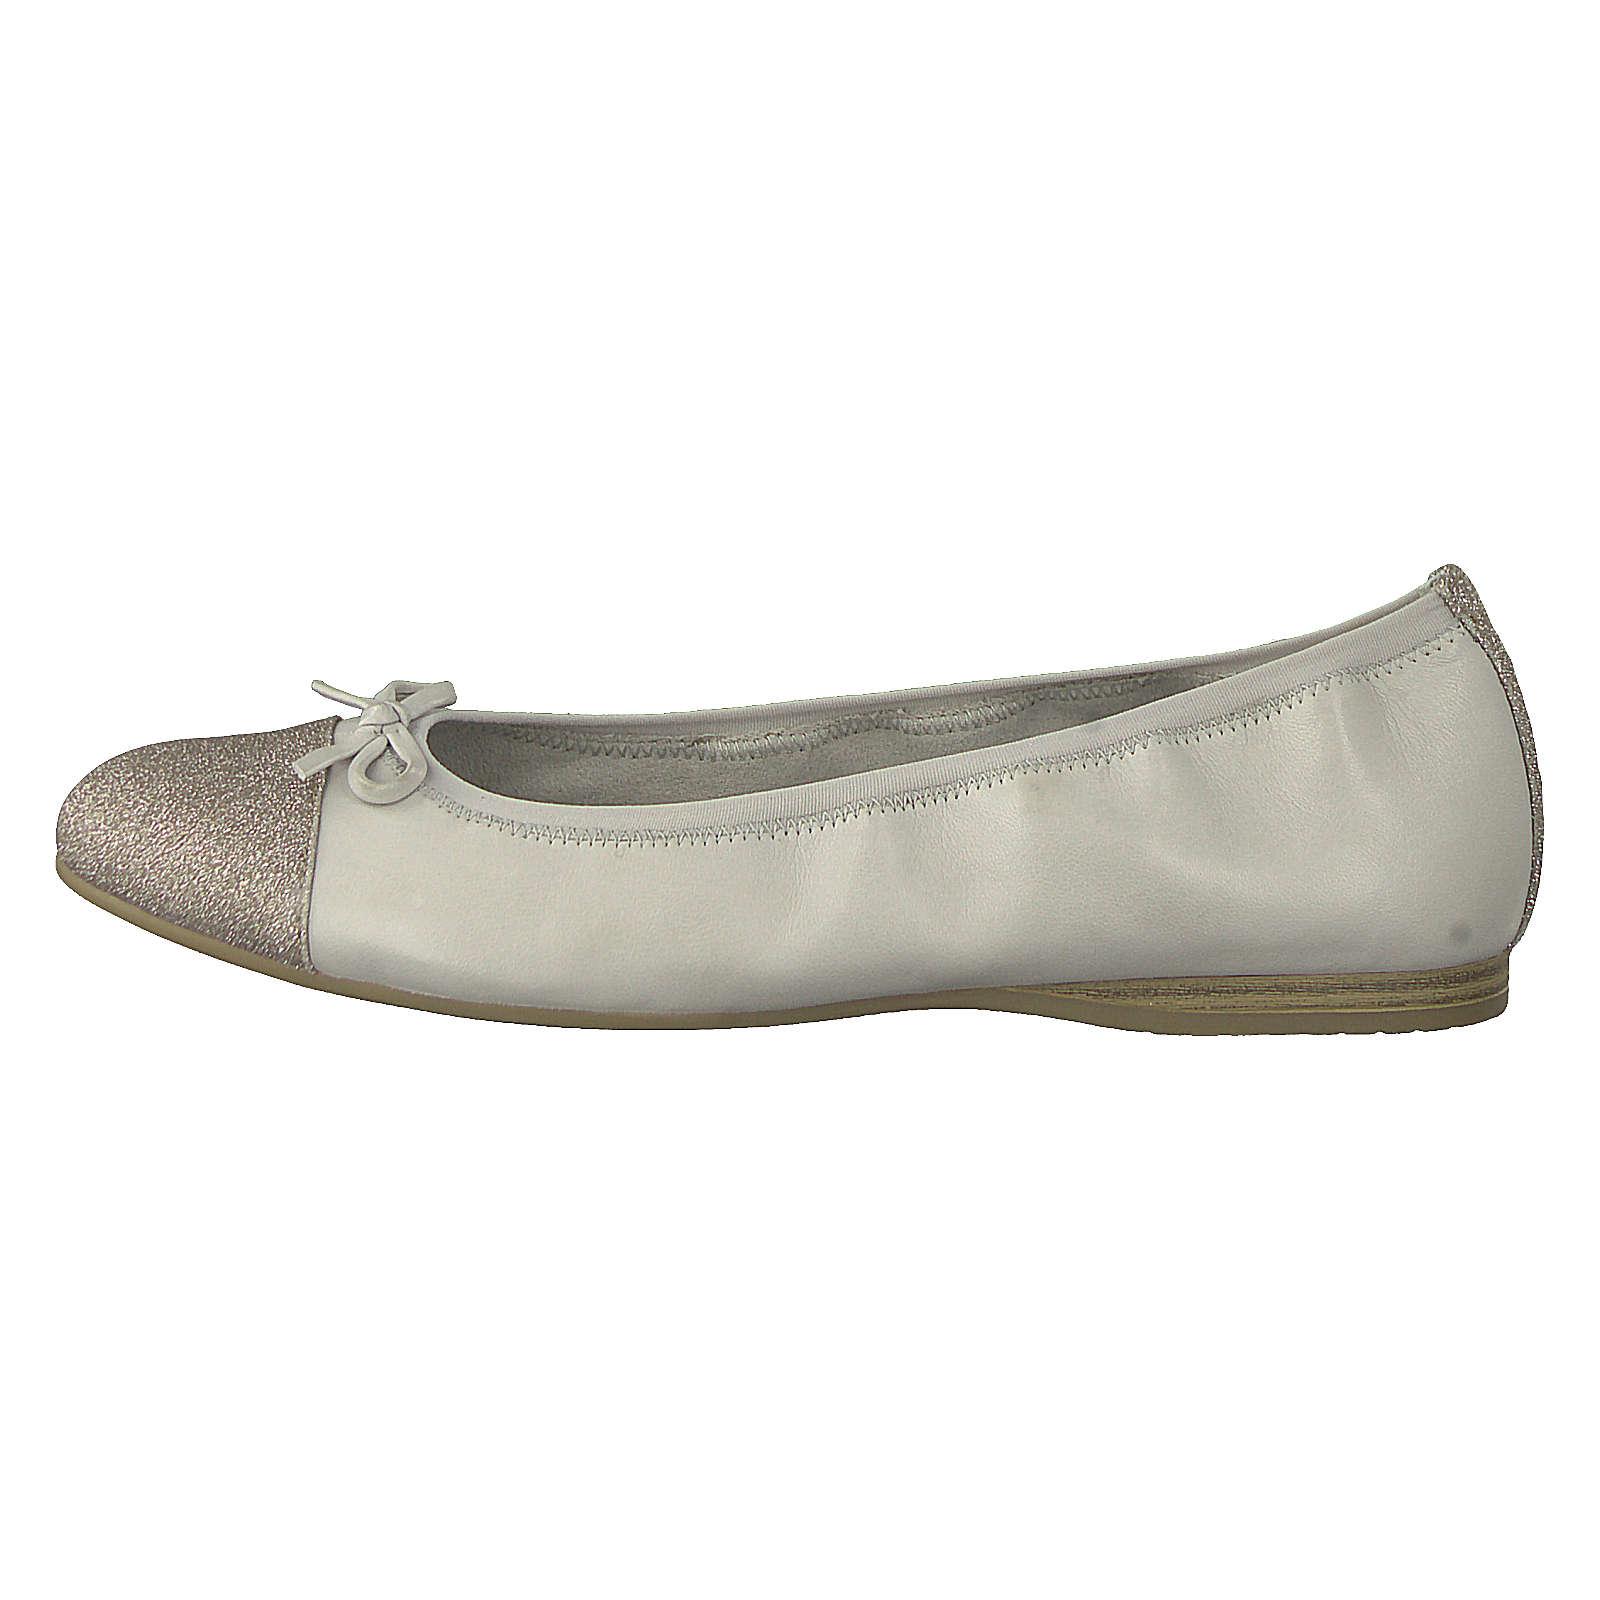 Tamaris Klassische Ballerinas creme Damen Gr. 36